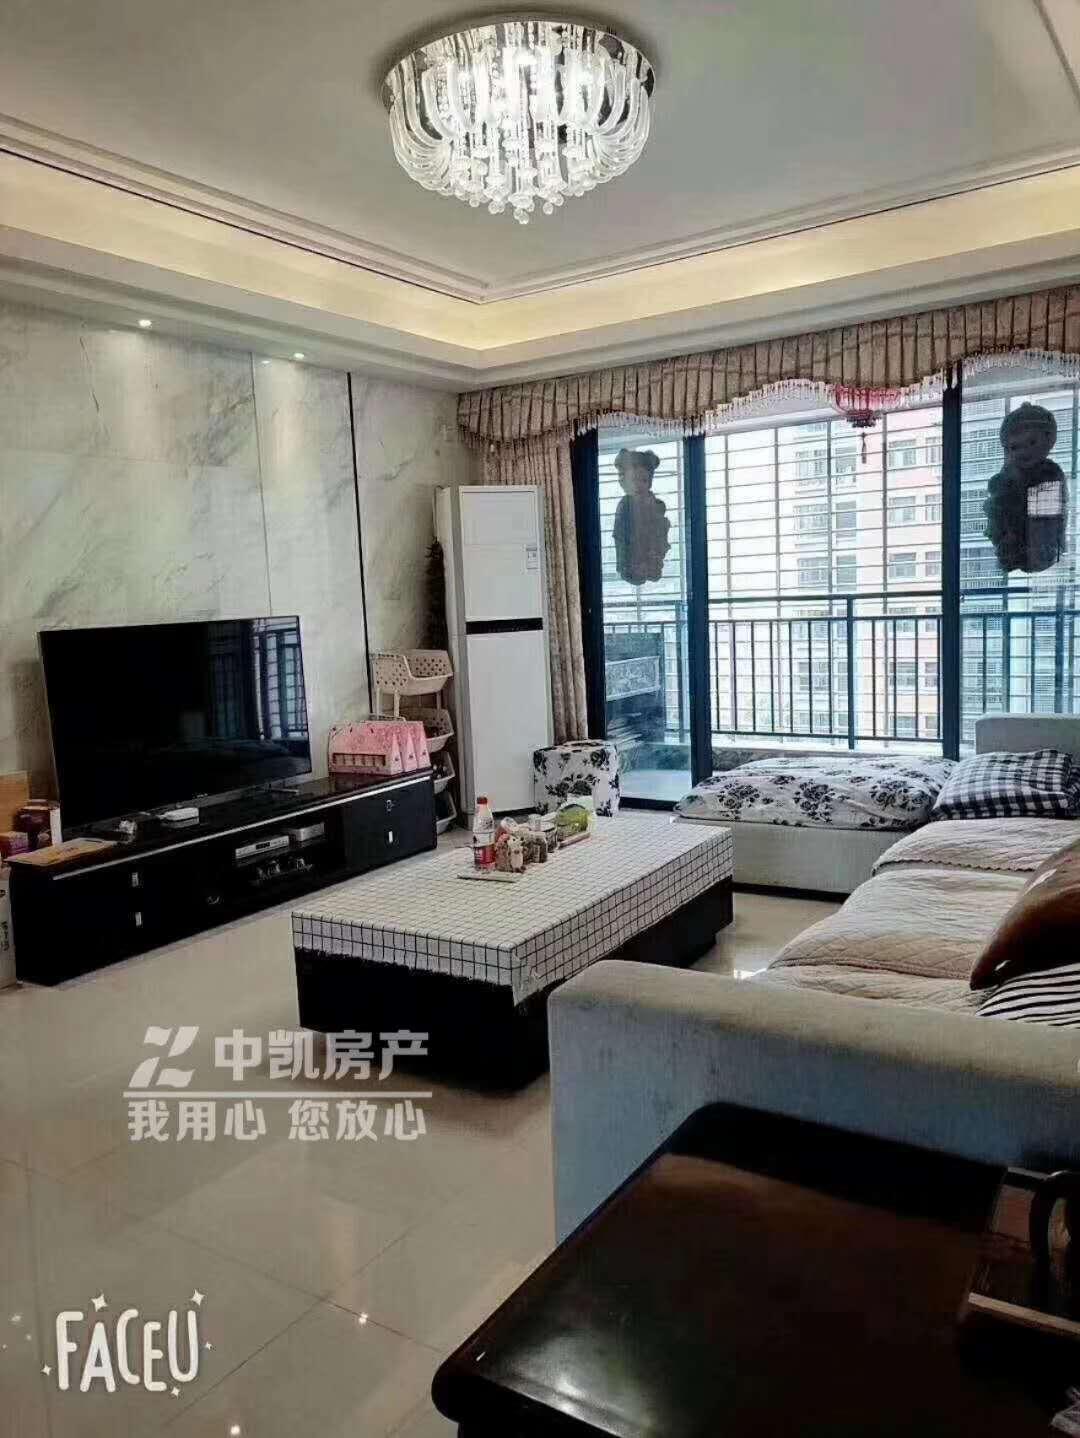 宝龙城市广场4室2厅2卫195万元